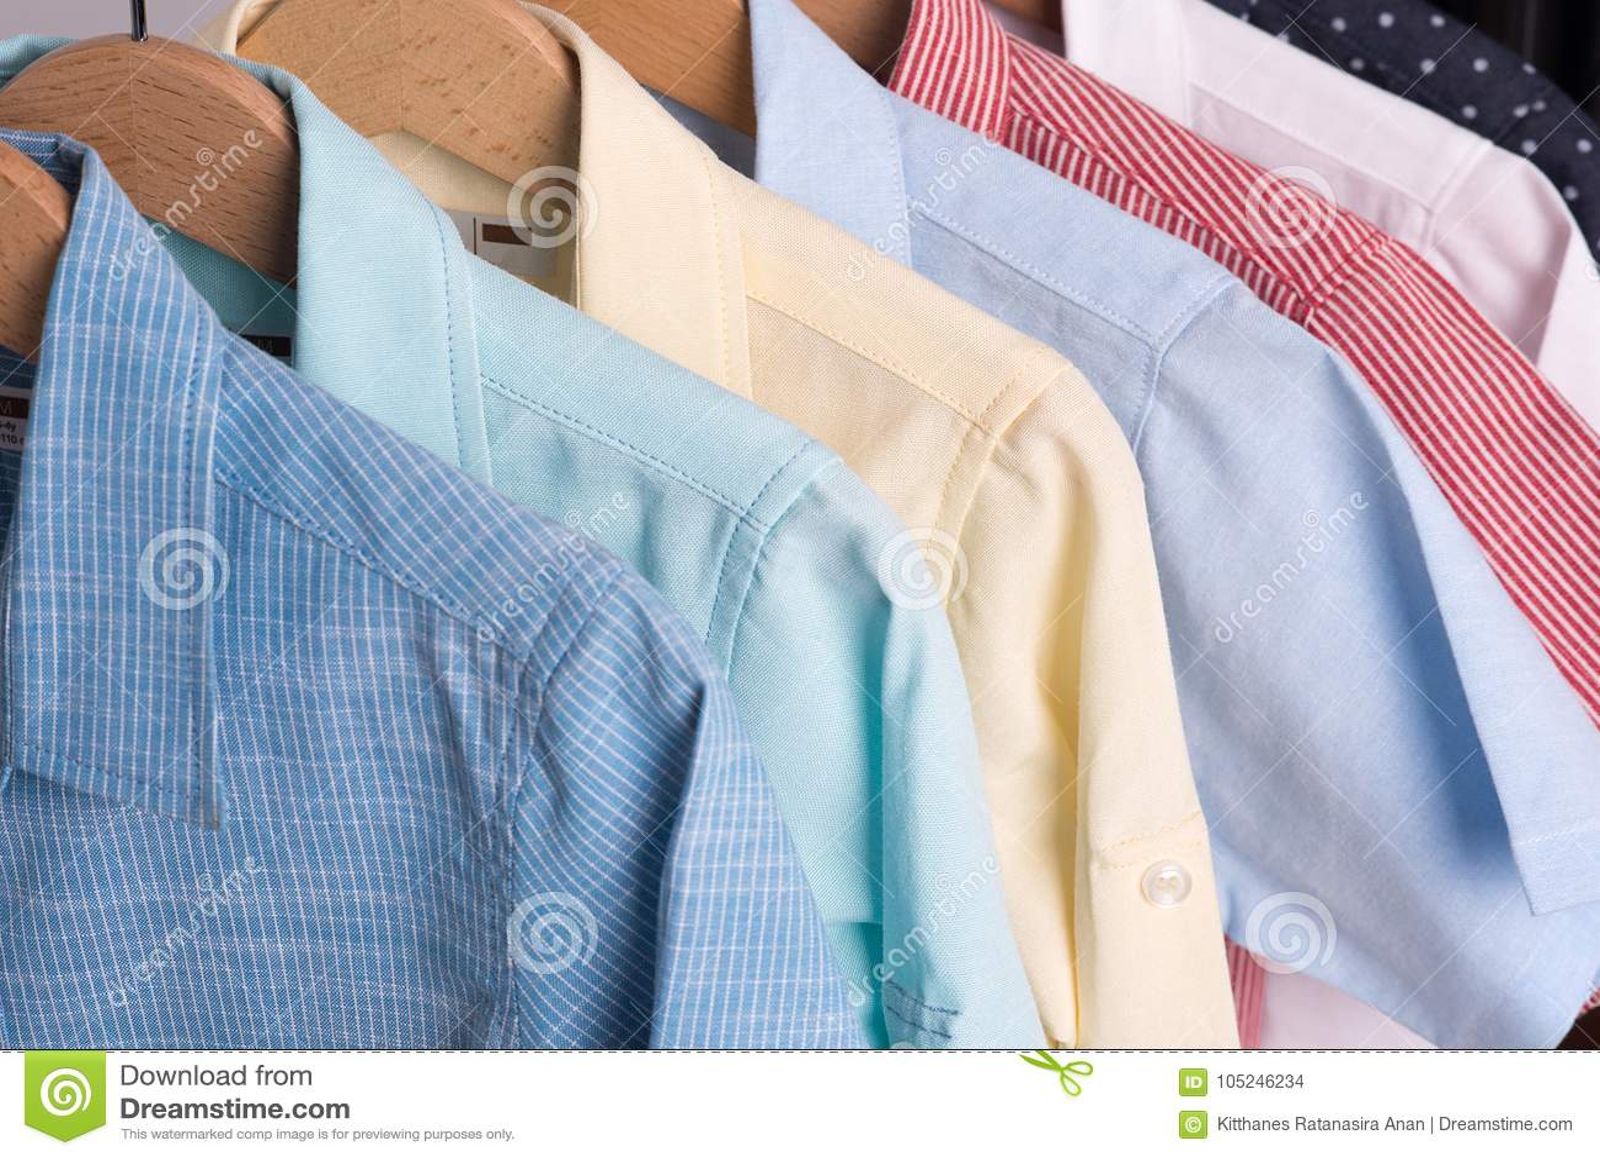 Tło Koszula Wiesza Na Wieszaku Zdjęcie Stock Obraz  1KHMP